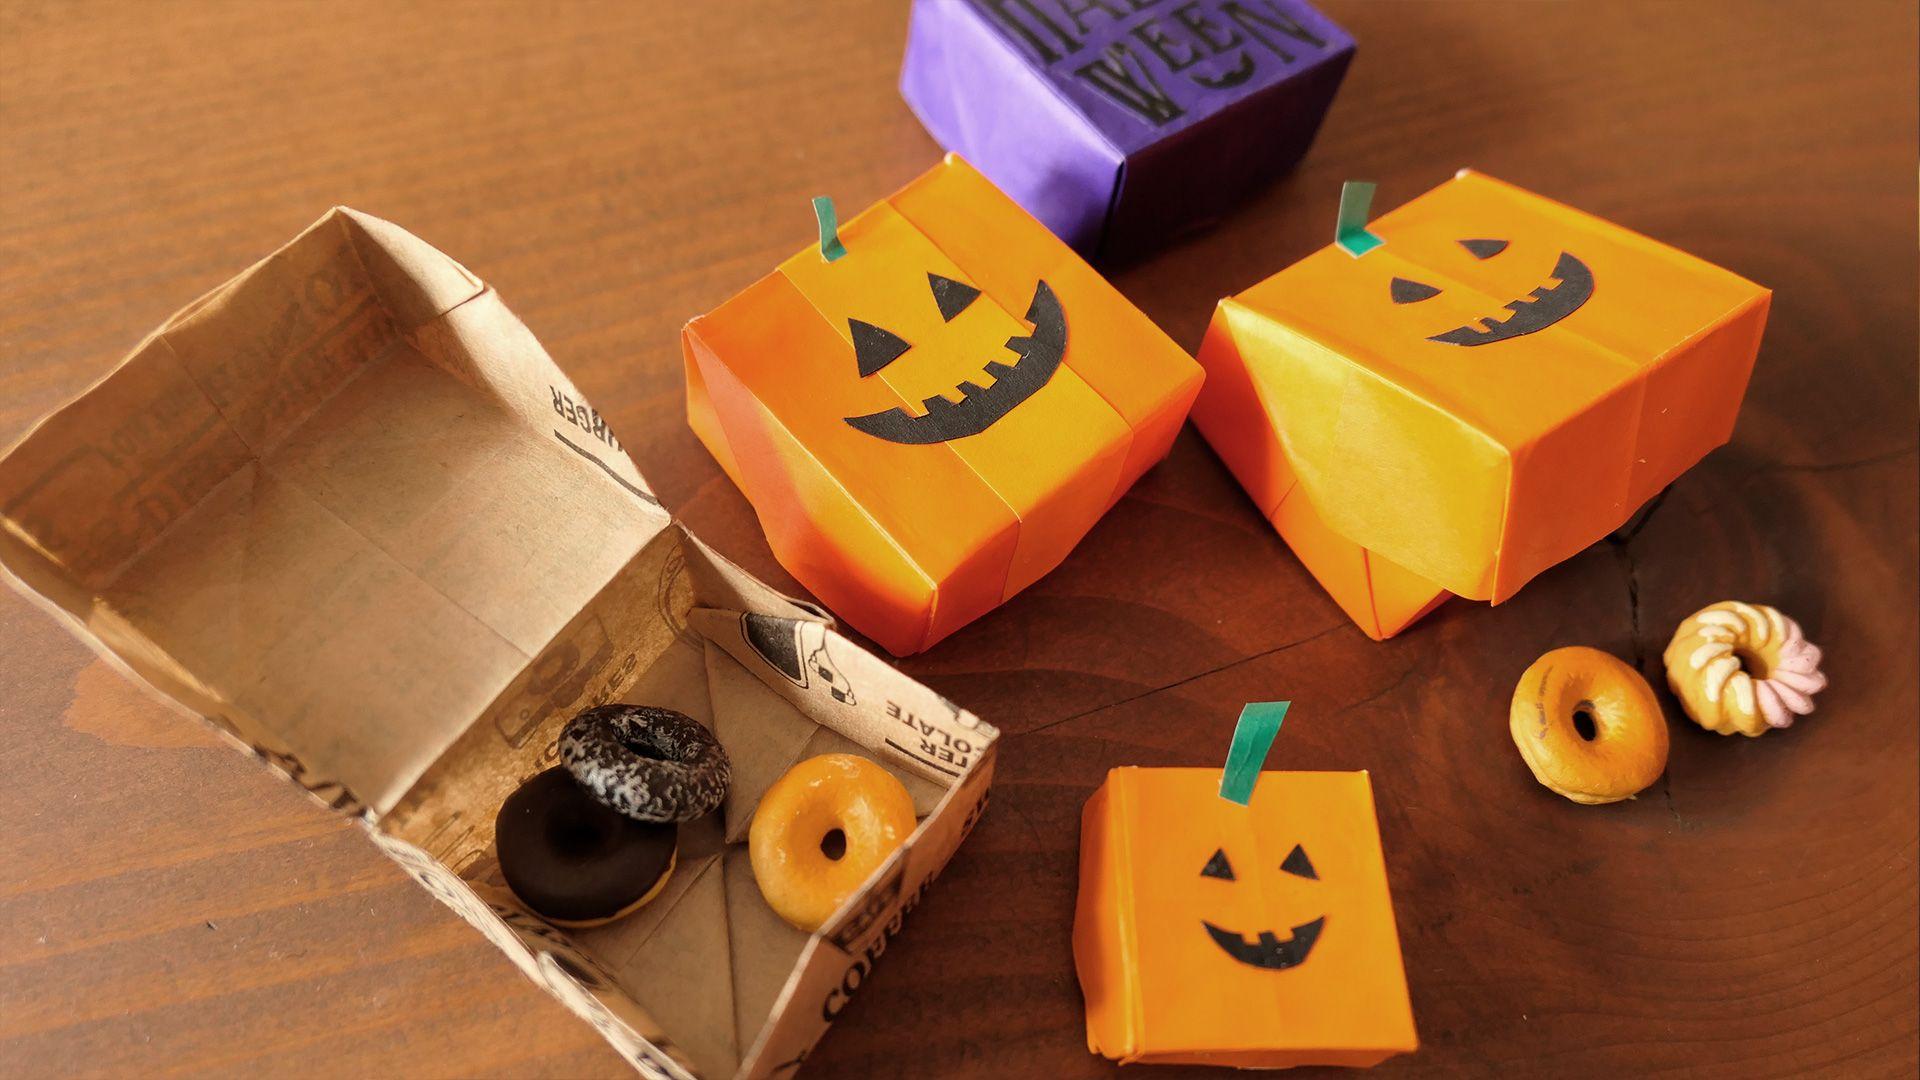 ハロウィンの準備にピッタリの小さな小さな かぼちゃの箱 折り紙1枚 折り図付き動画で紹介 のり はさみも準備して是非つくってみて ハロウィーン 折り紙 おりがみの折り方 ペーパークラフト ハロウィン